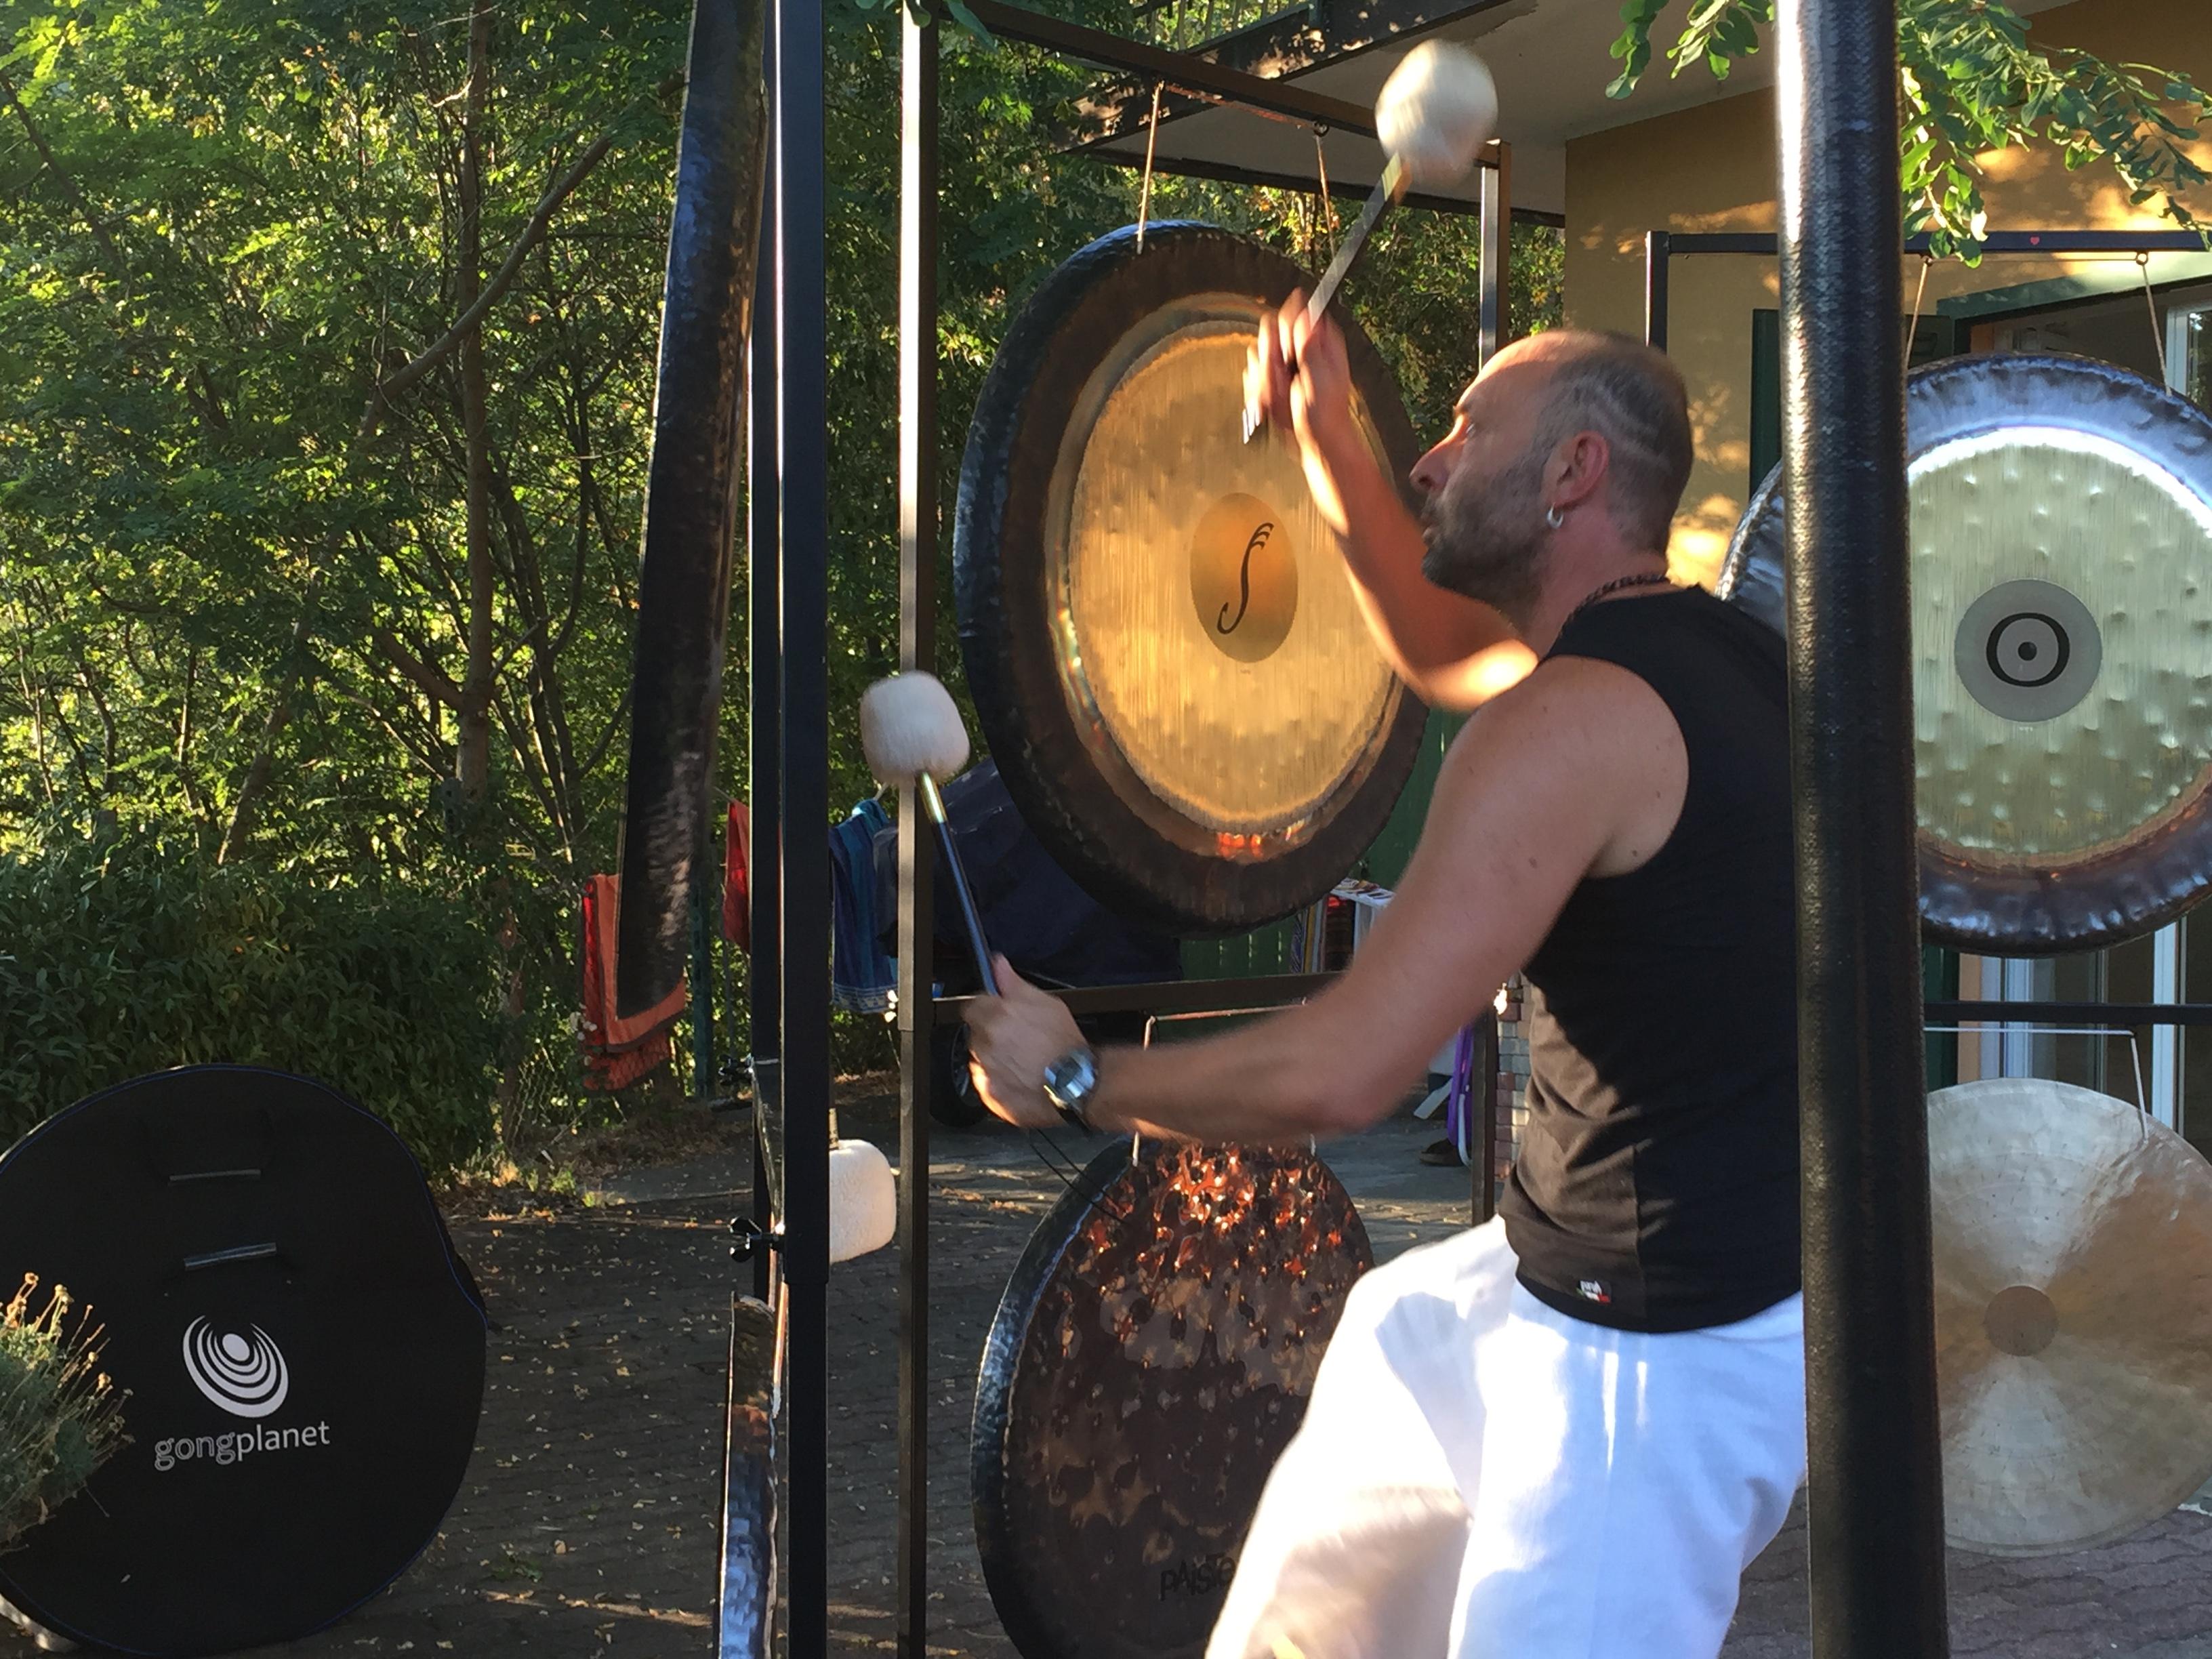 Bagno di gong al centro osho arihant di varazze gong heart - Bagno di gong effetti negativi ...